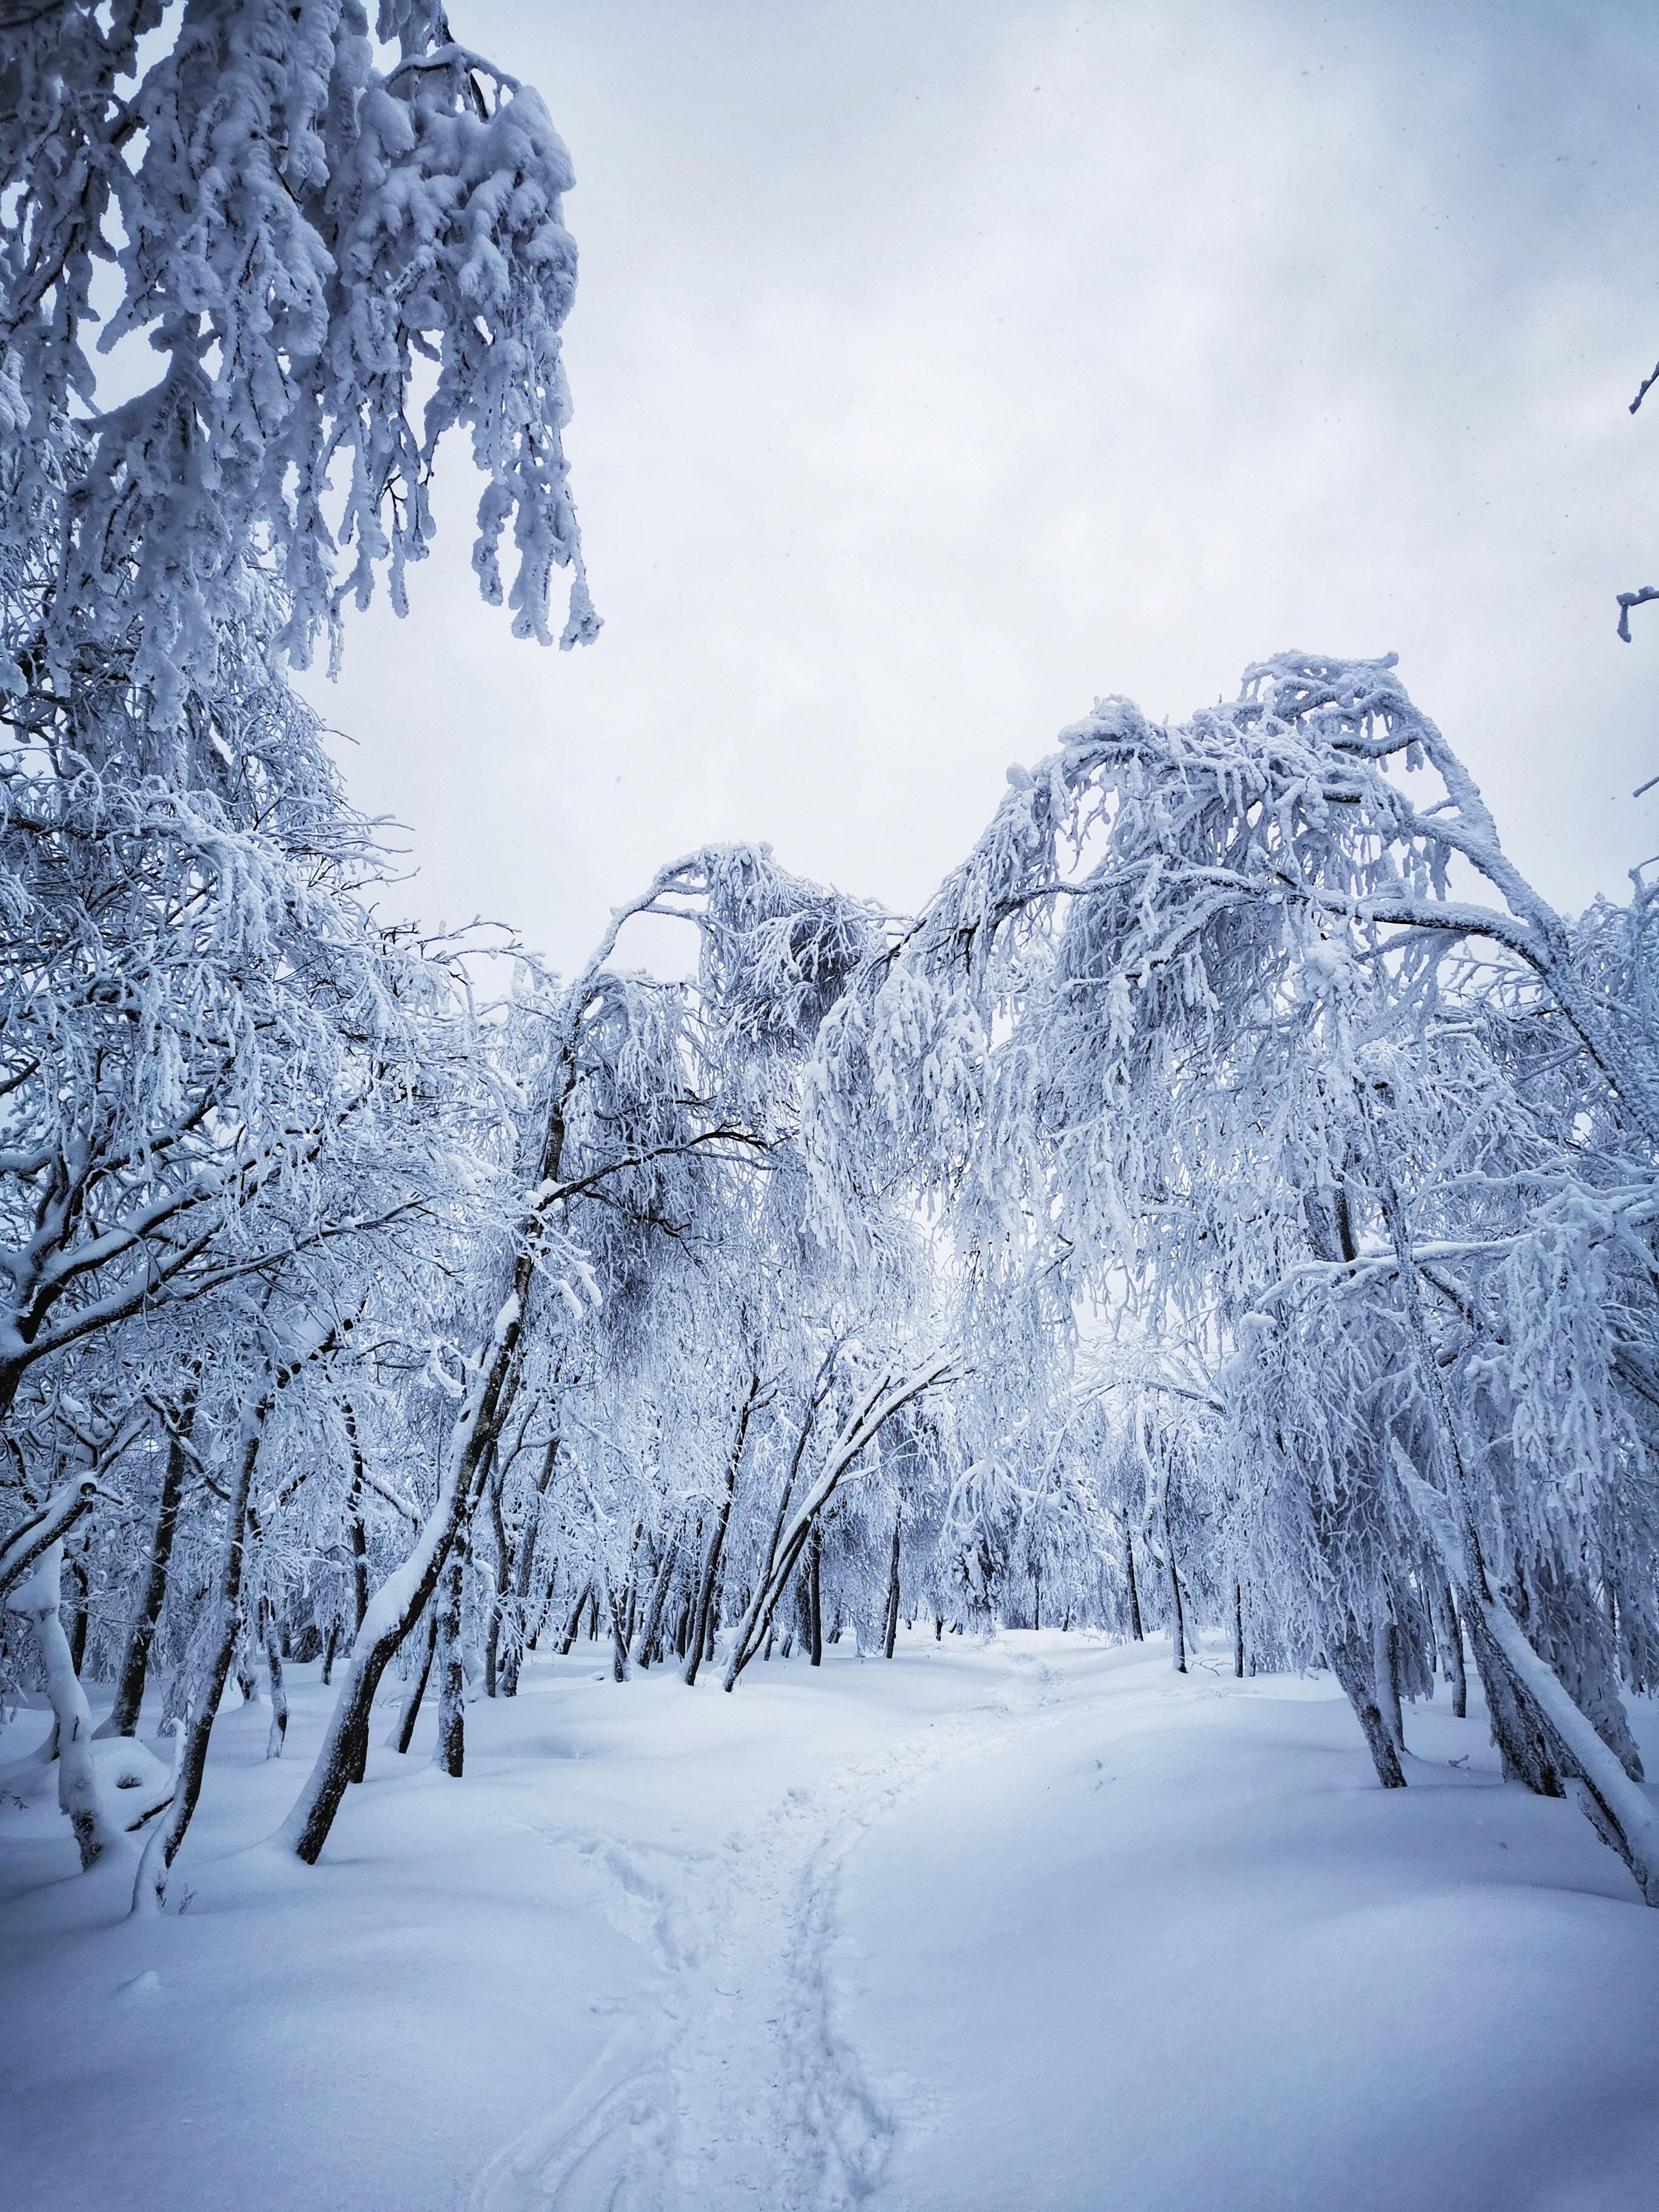 Děčínský Sněžník, Czech Republic